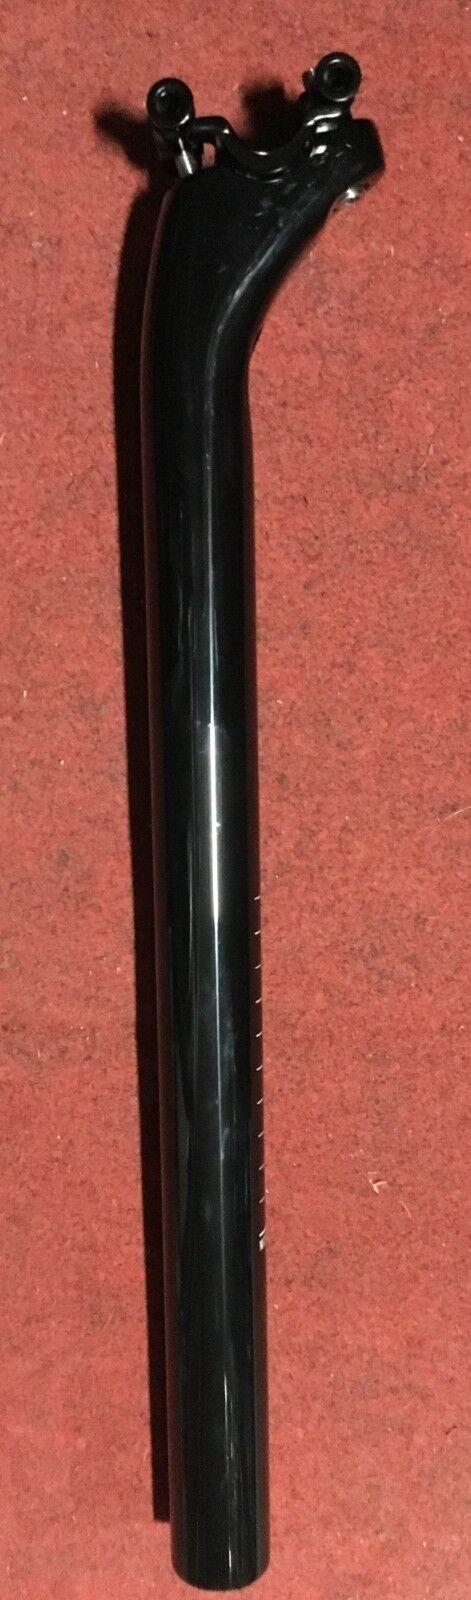 Canotto sella bicicletta carbonio 27.2 L  400 mm 220 g carbon bike seatpost